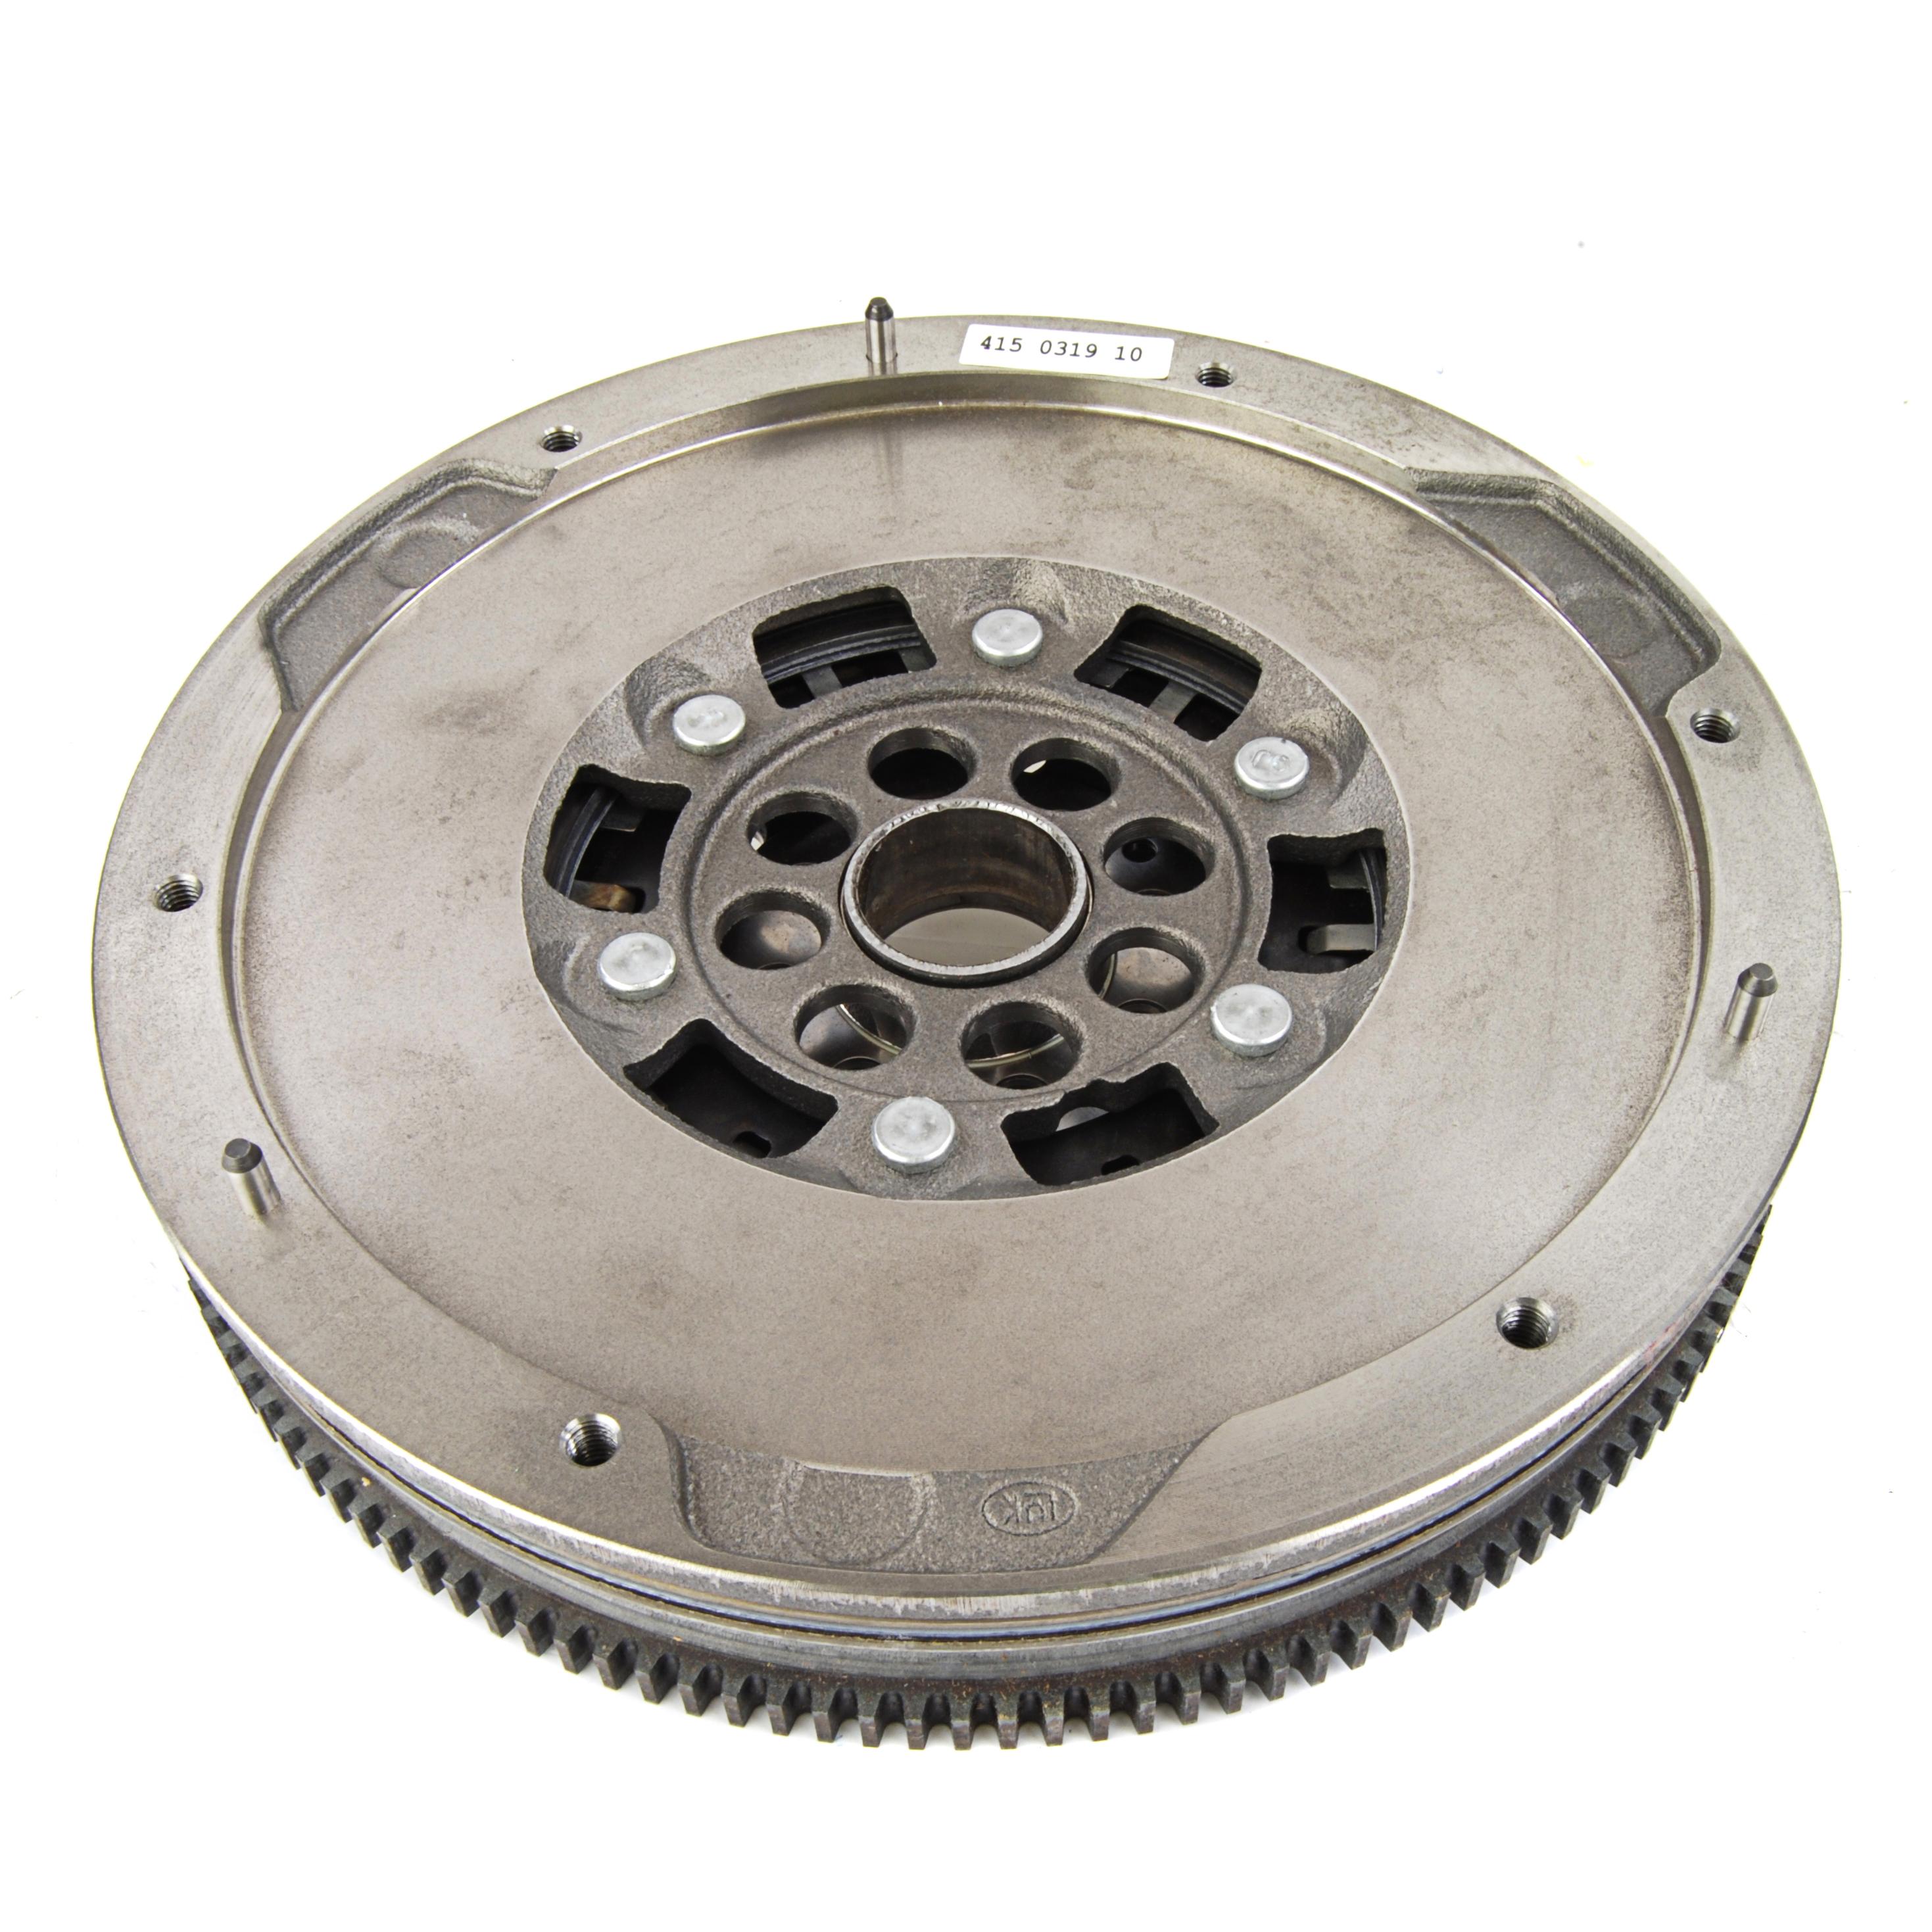 LUK 415 0610 10 Transmission DMF Dual Mass Flywheel Replacement Part